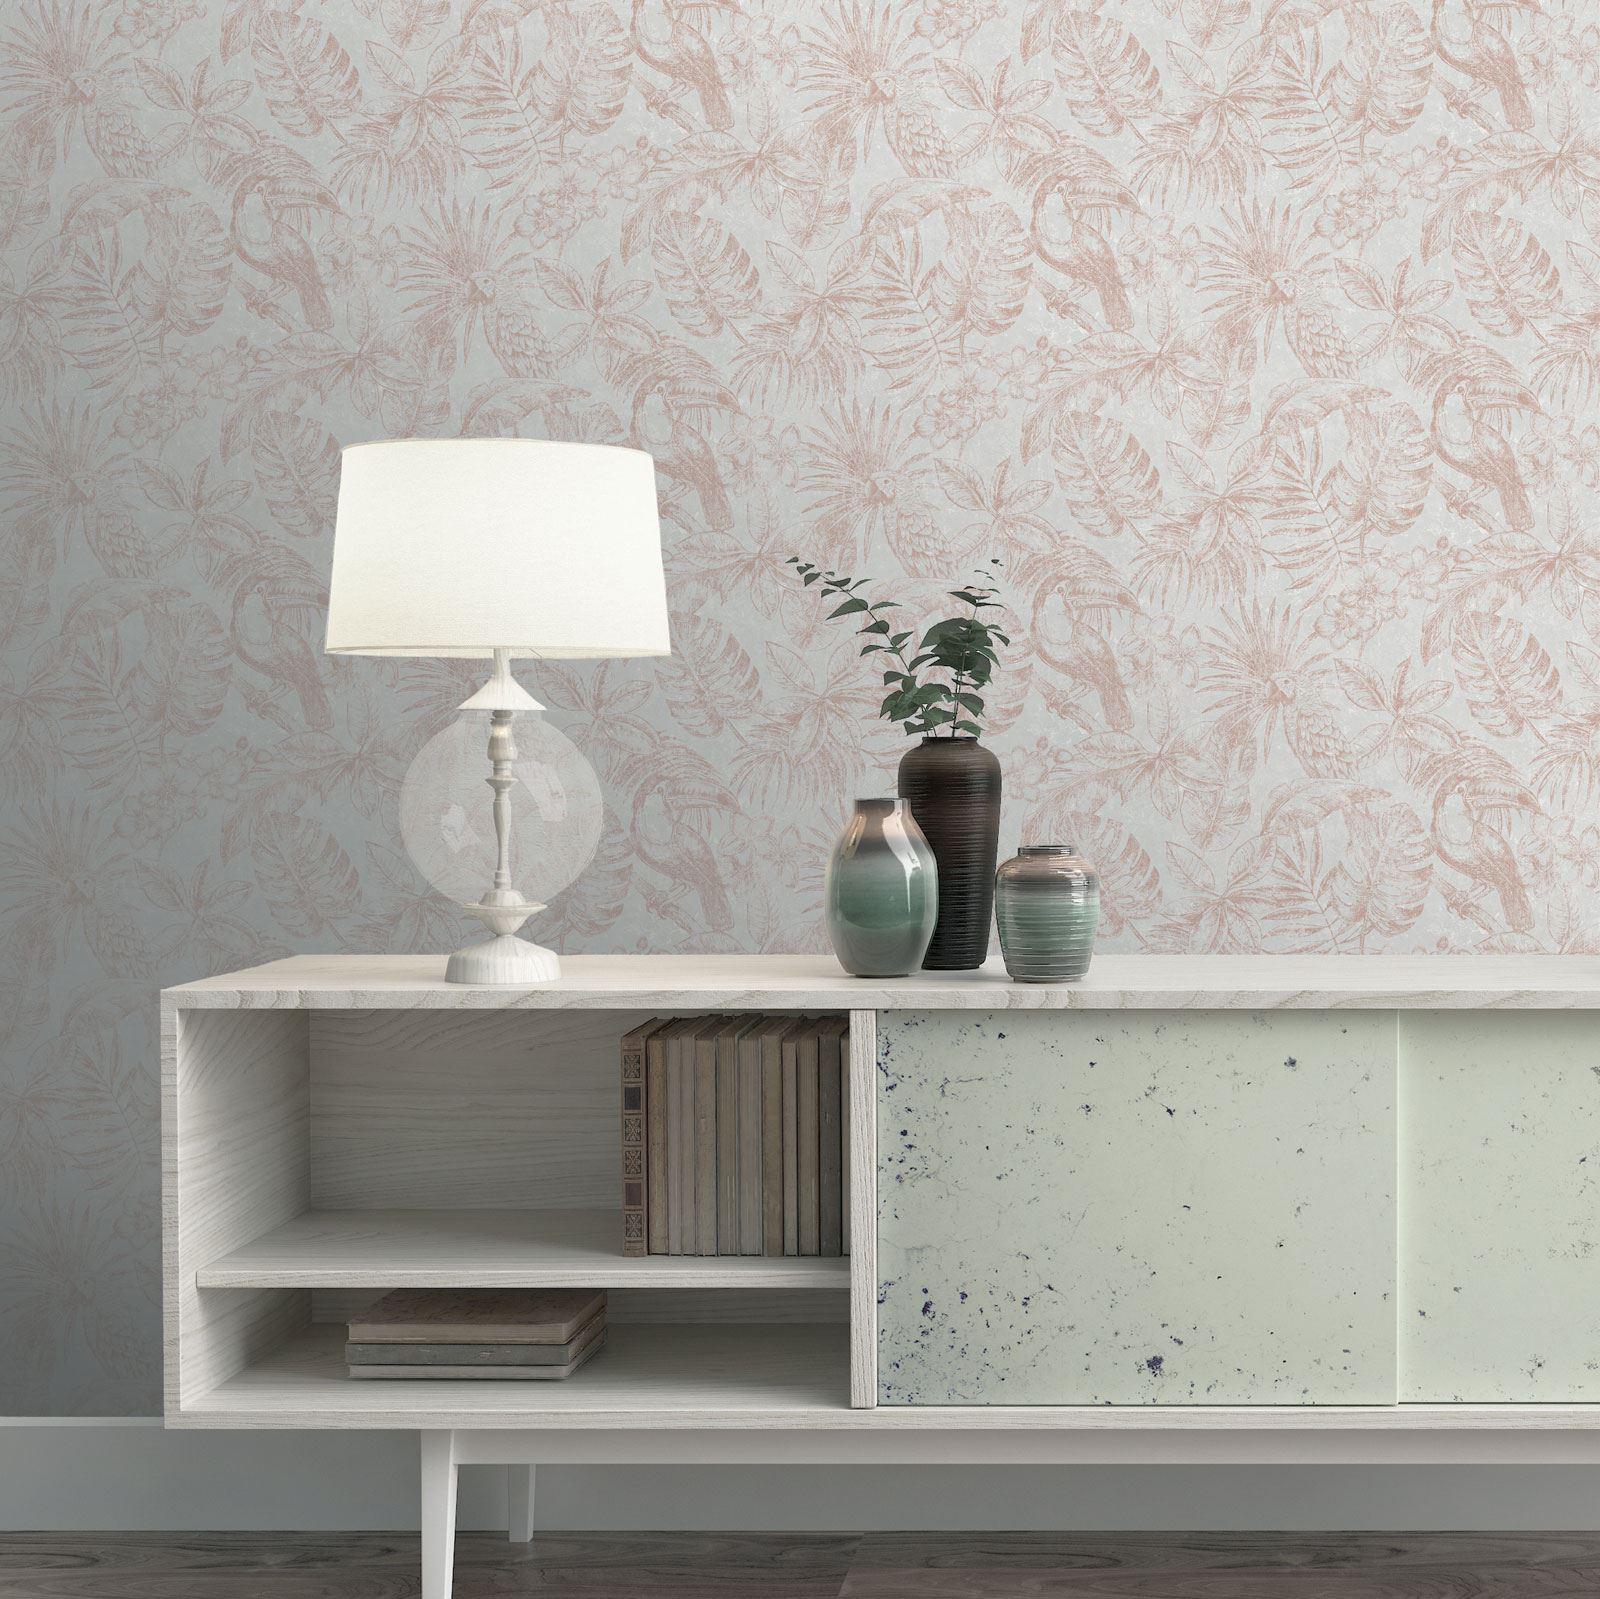 Rotgold-Tapete-Grau-Creme-Exotisch-Blumen-Tropisch-Palme-Blaetter-Geometrisch Indexbild 67